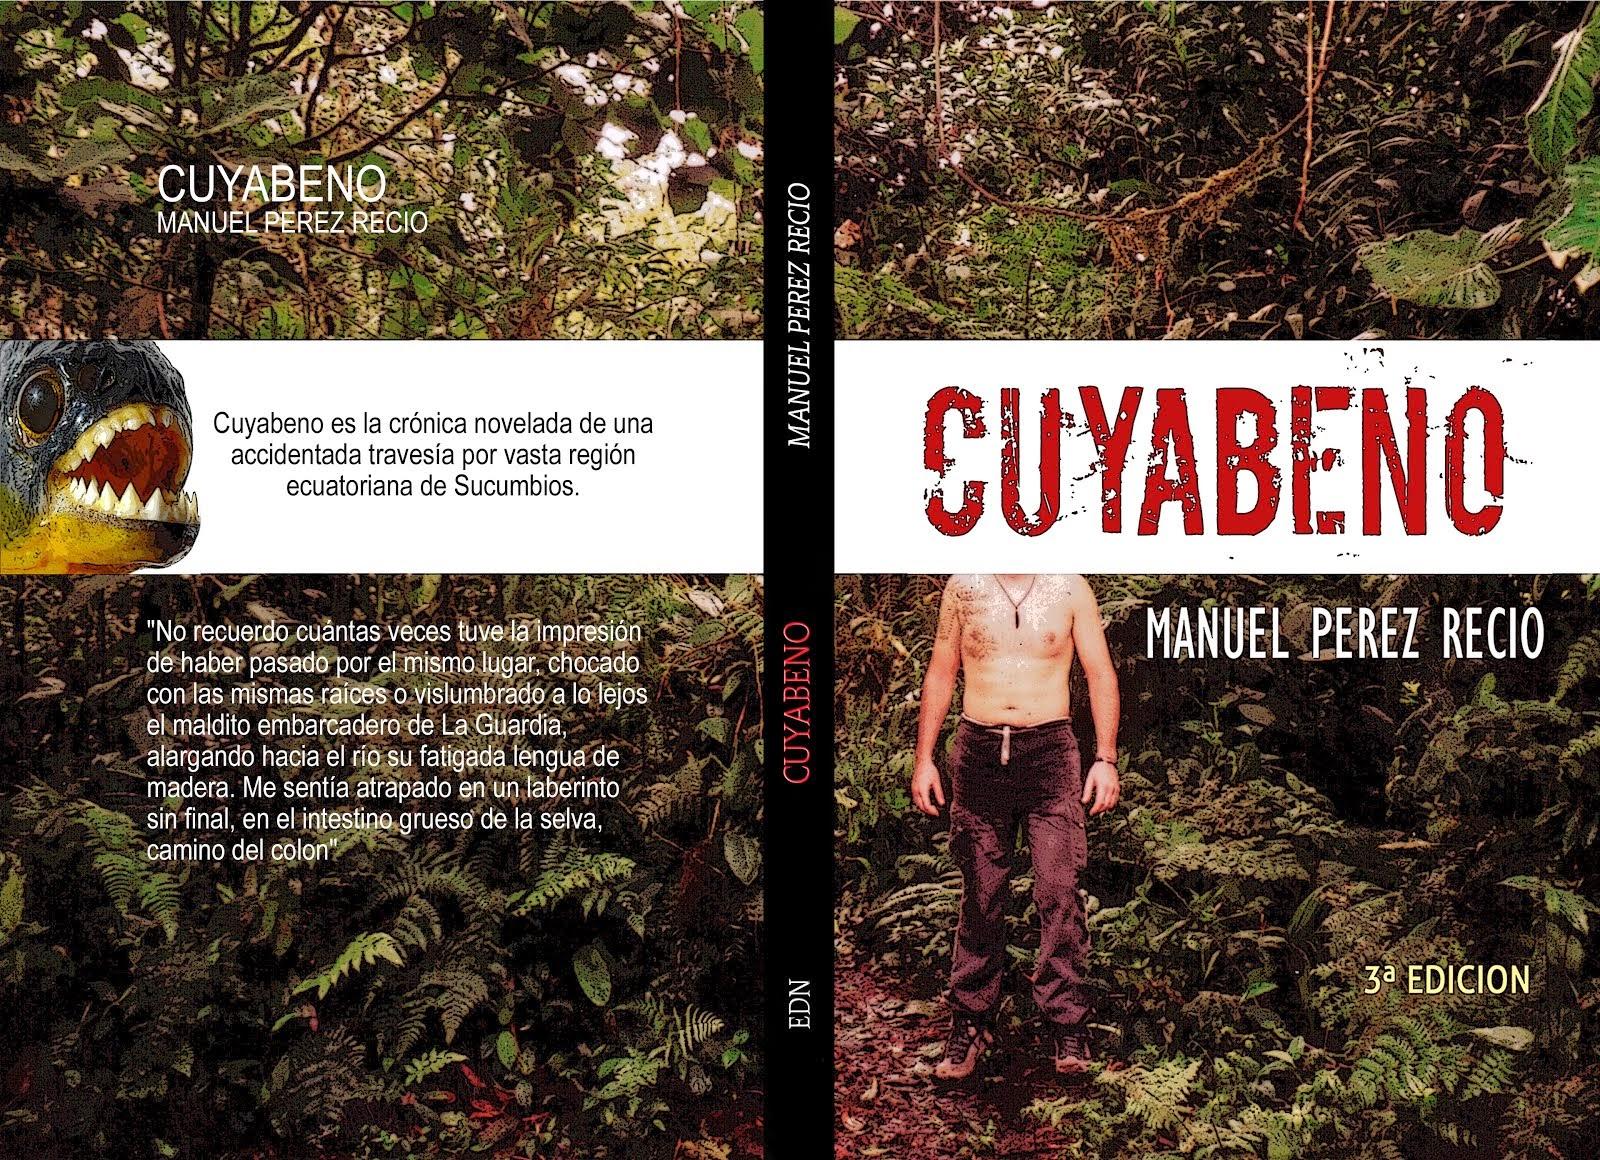 Cuyabeno